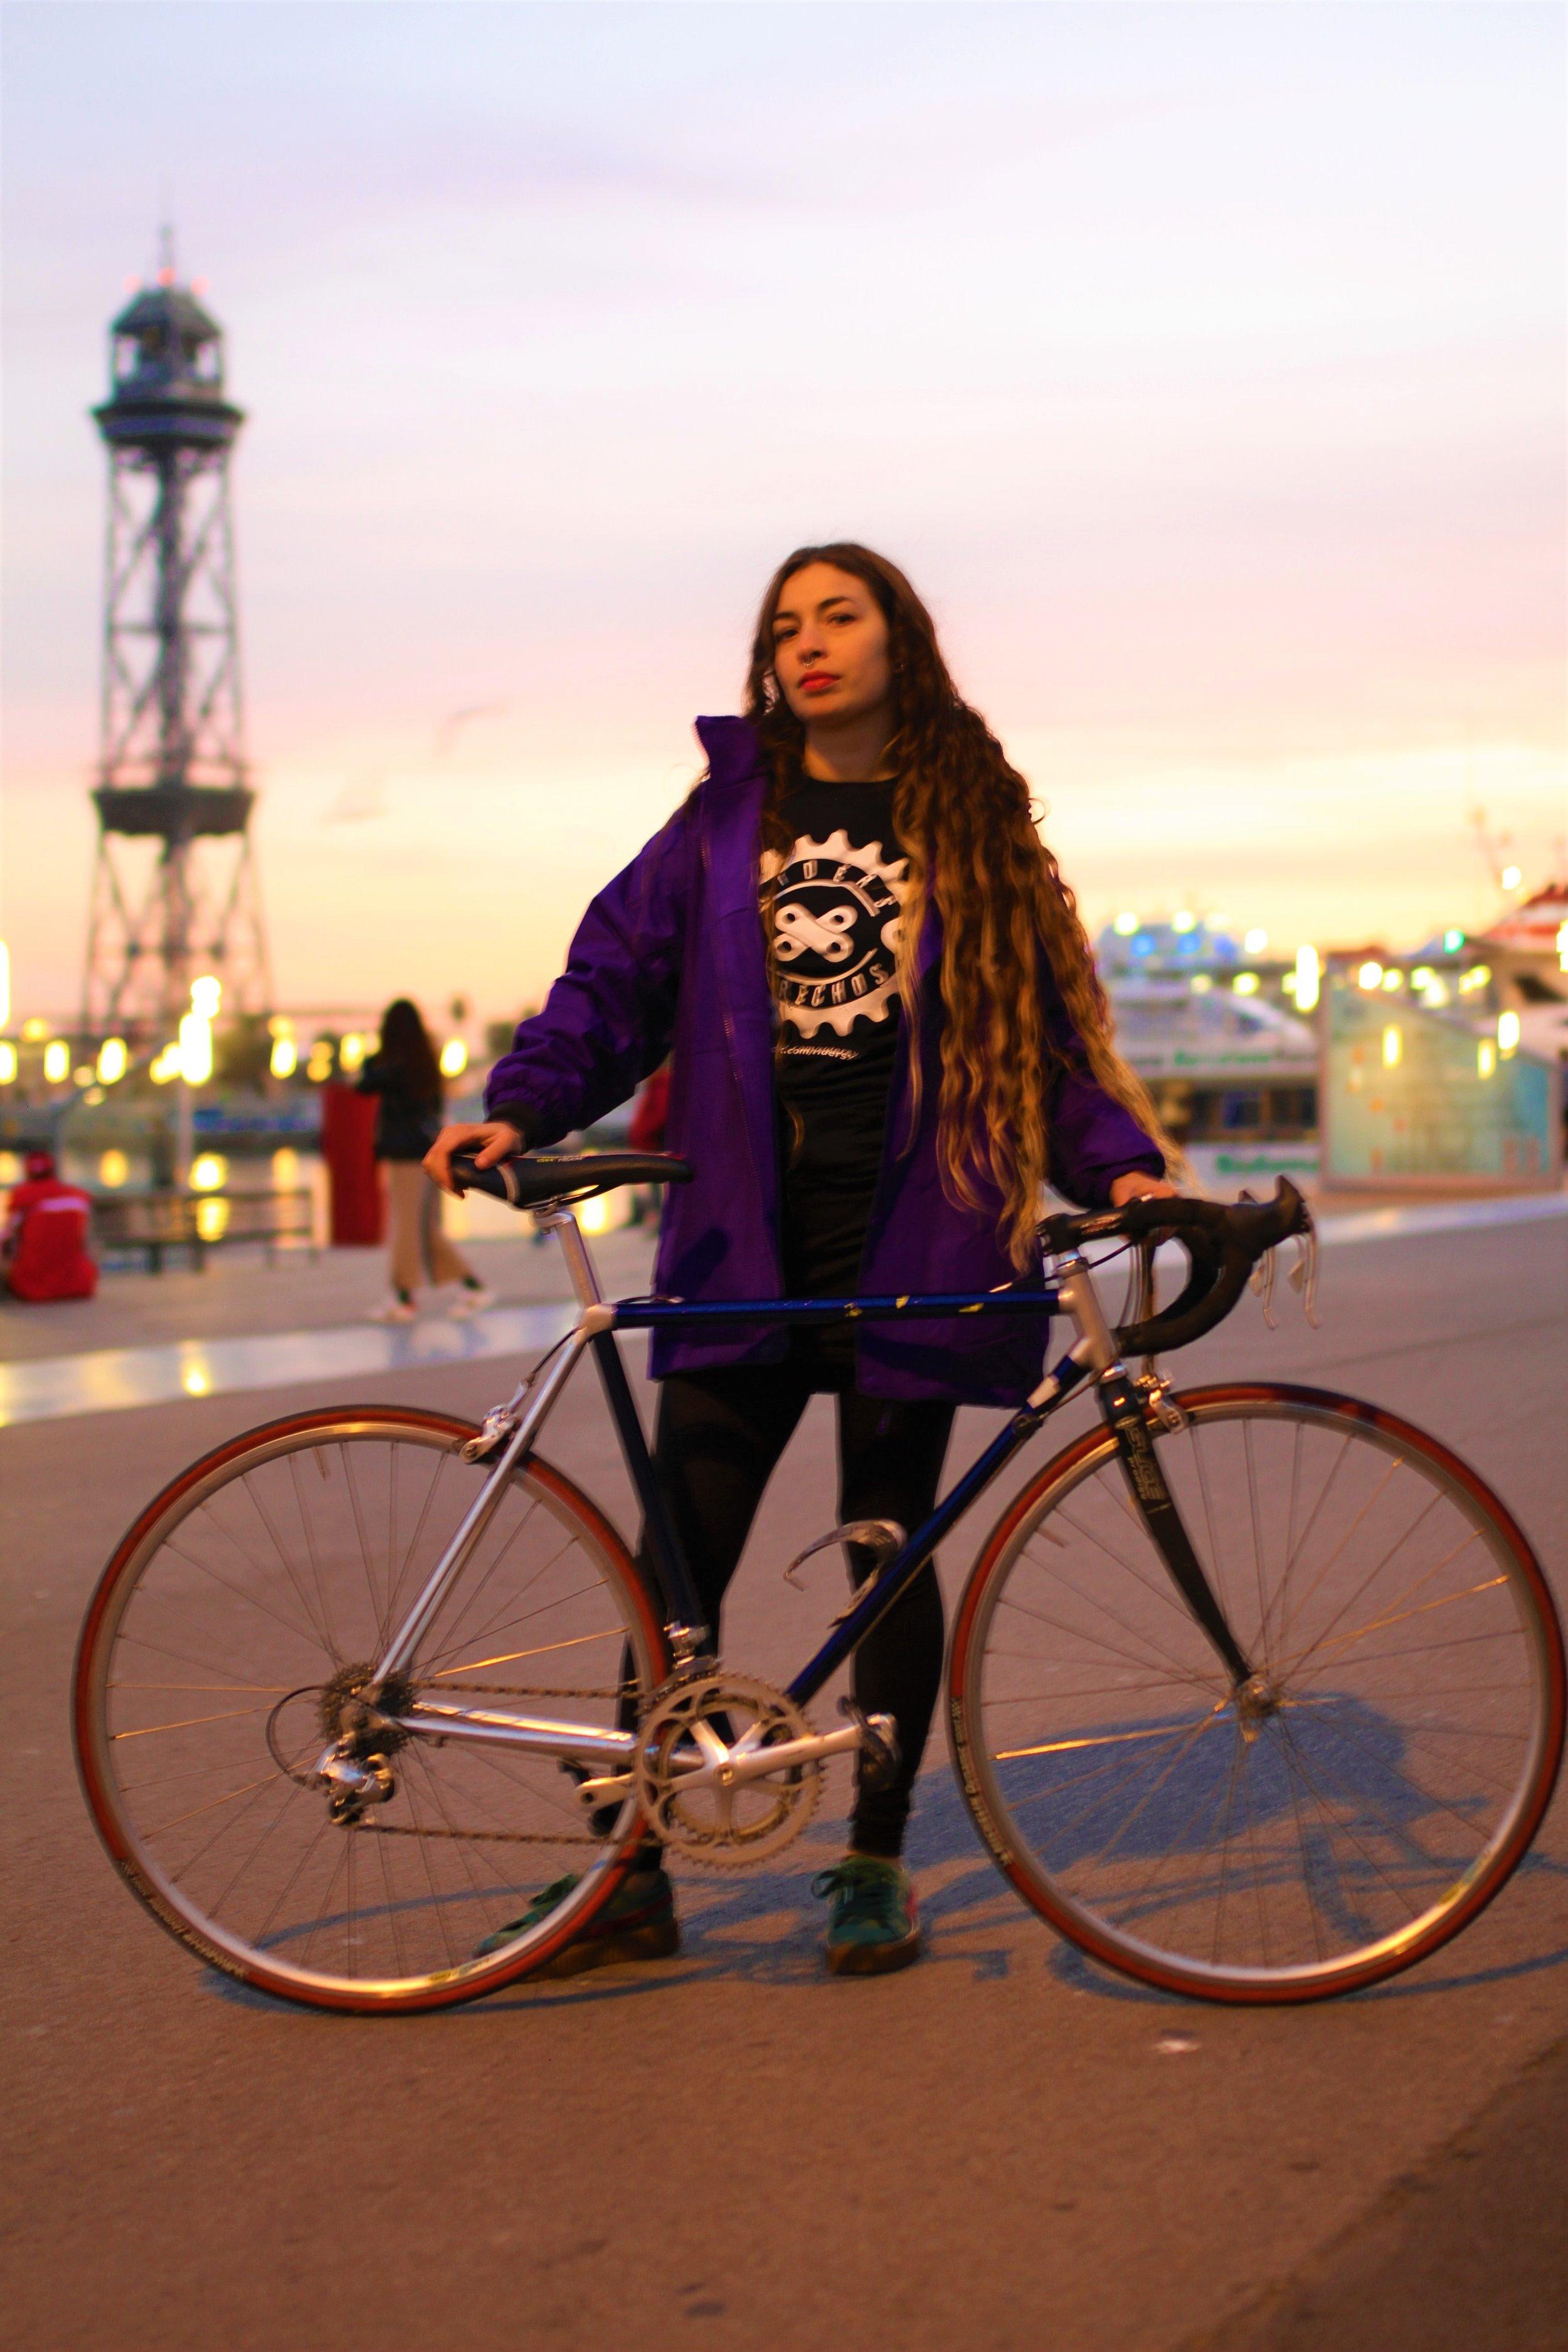 Núria Soto, portavoz del sindicato  Riders X Derechos . Foto:  Juan Manuel Maidana /La Factoría.